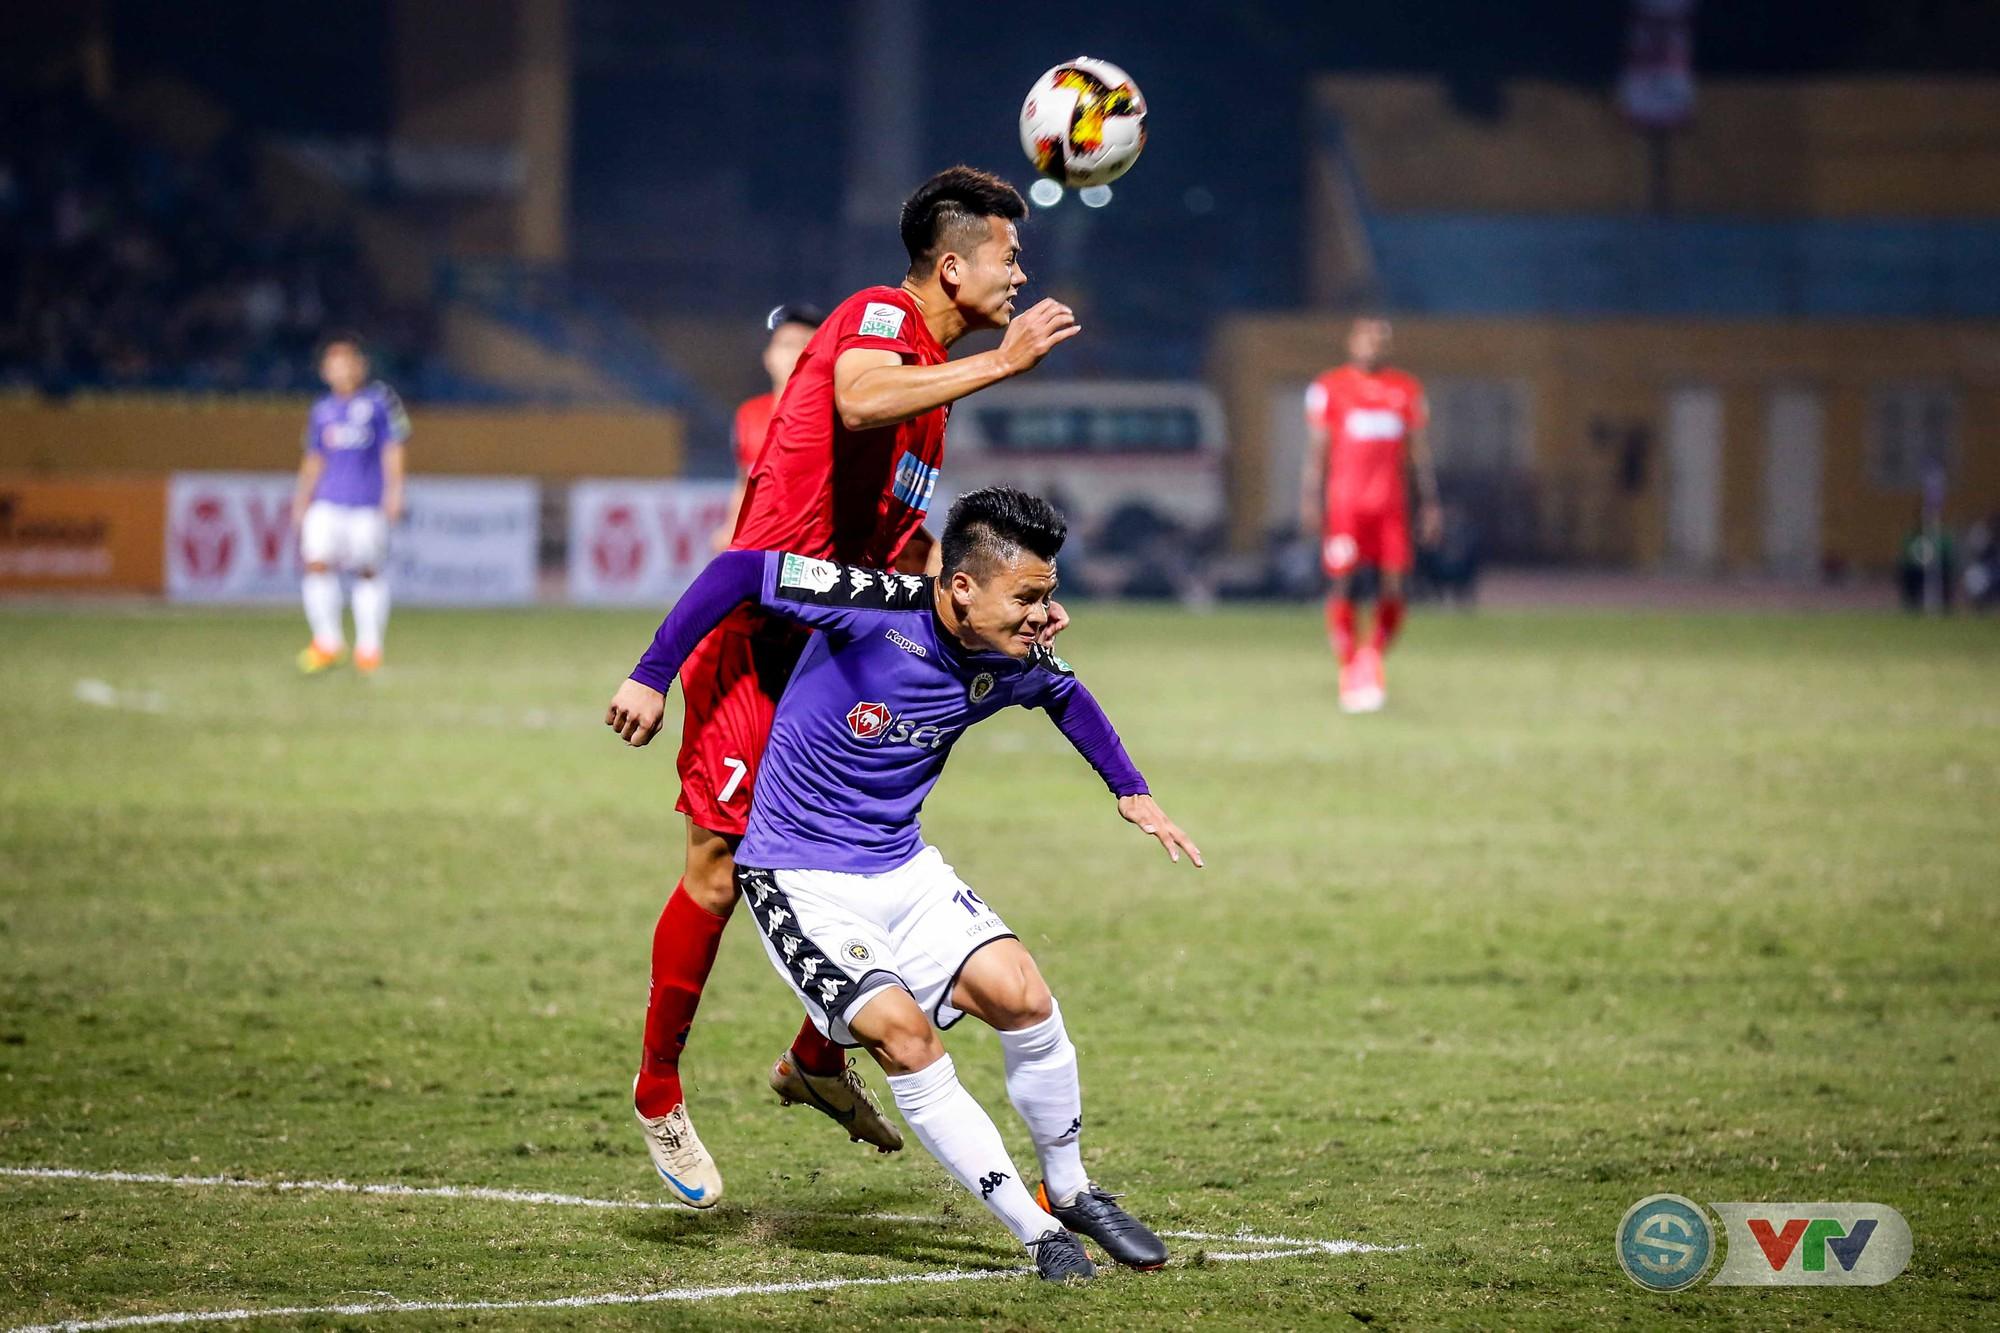 Hiệu ứng U23 Việt Nam, V.League 2018 sôi động, rực lửa và nhiều điểm nhấn - Ảnh 7.